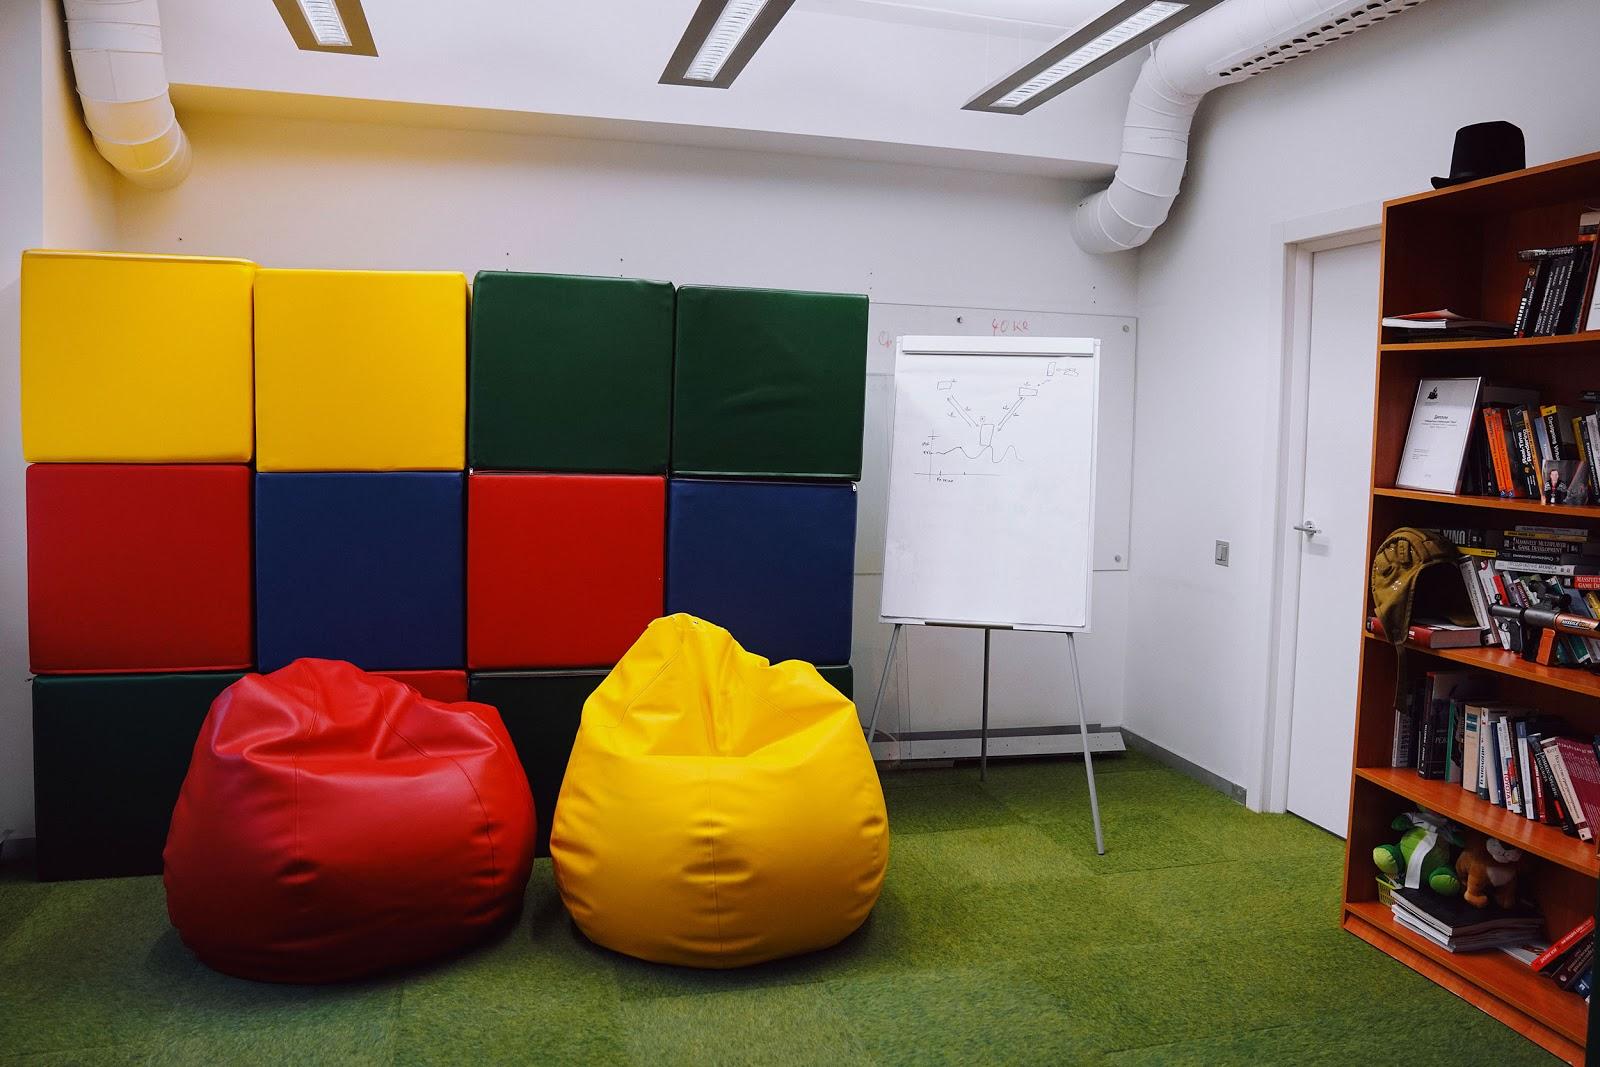 Комфортный офис — помогает работать или мешает и отвлекает? Ответят Sidenis, Alternativa Games и FunBox - 11